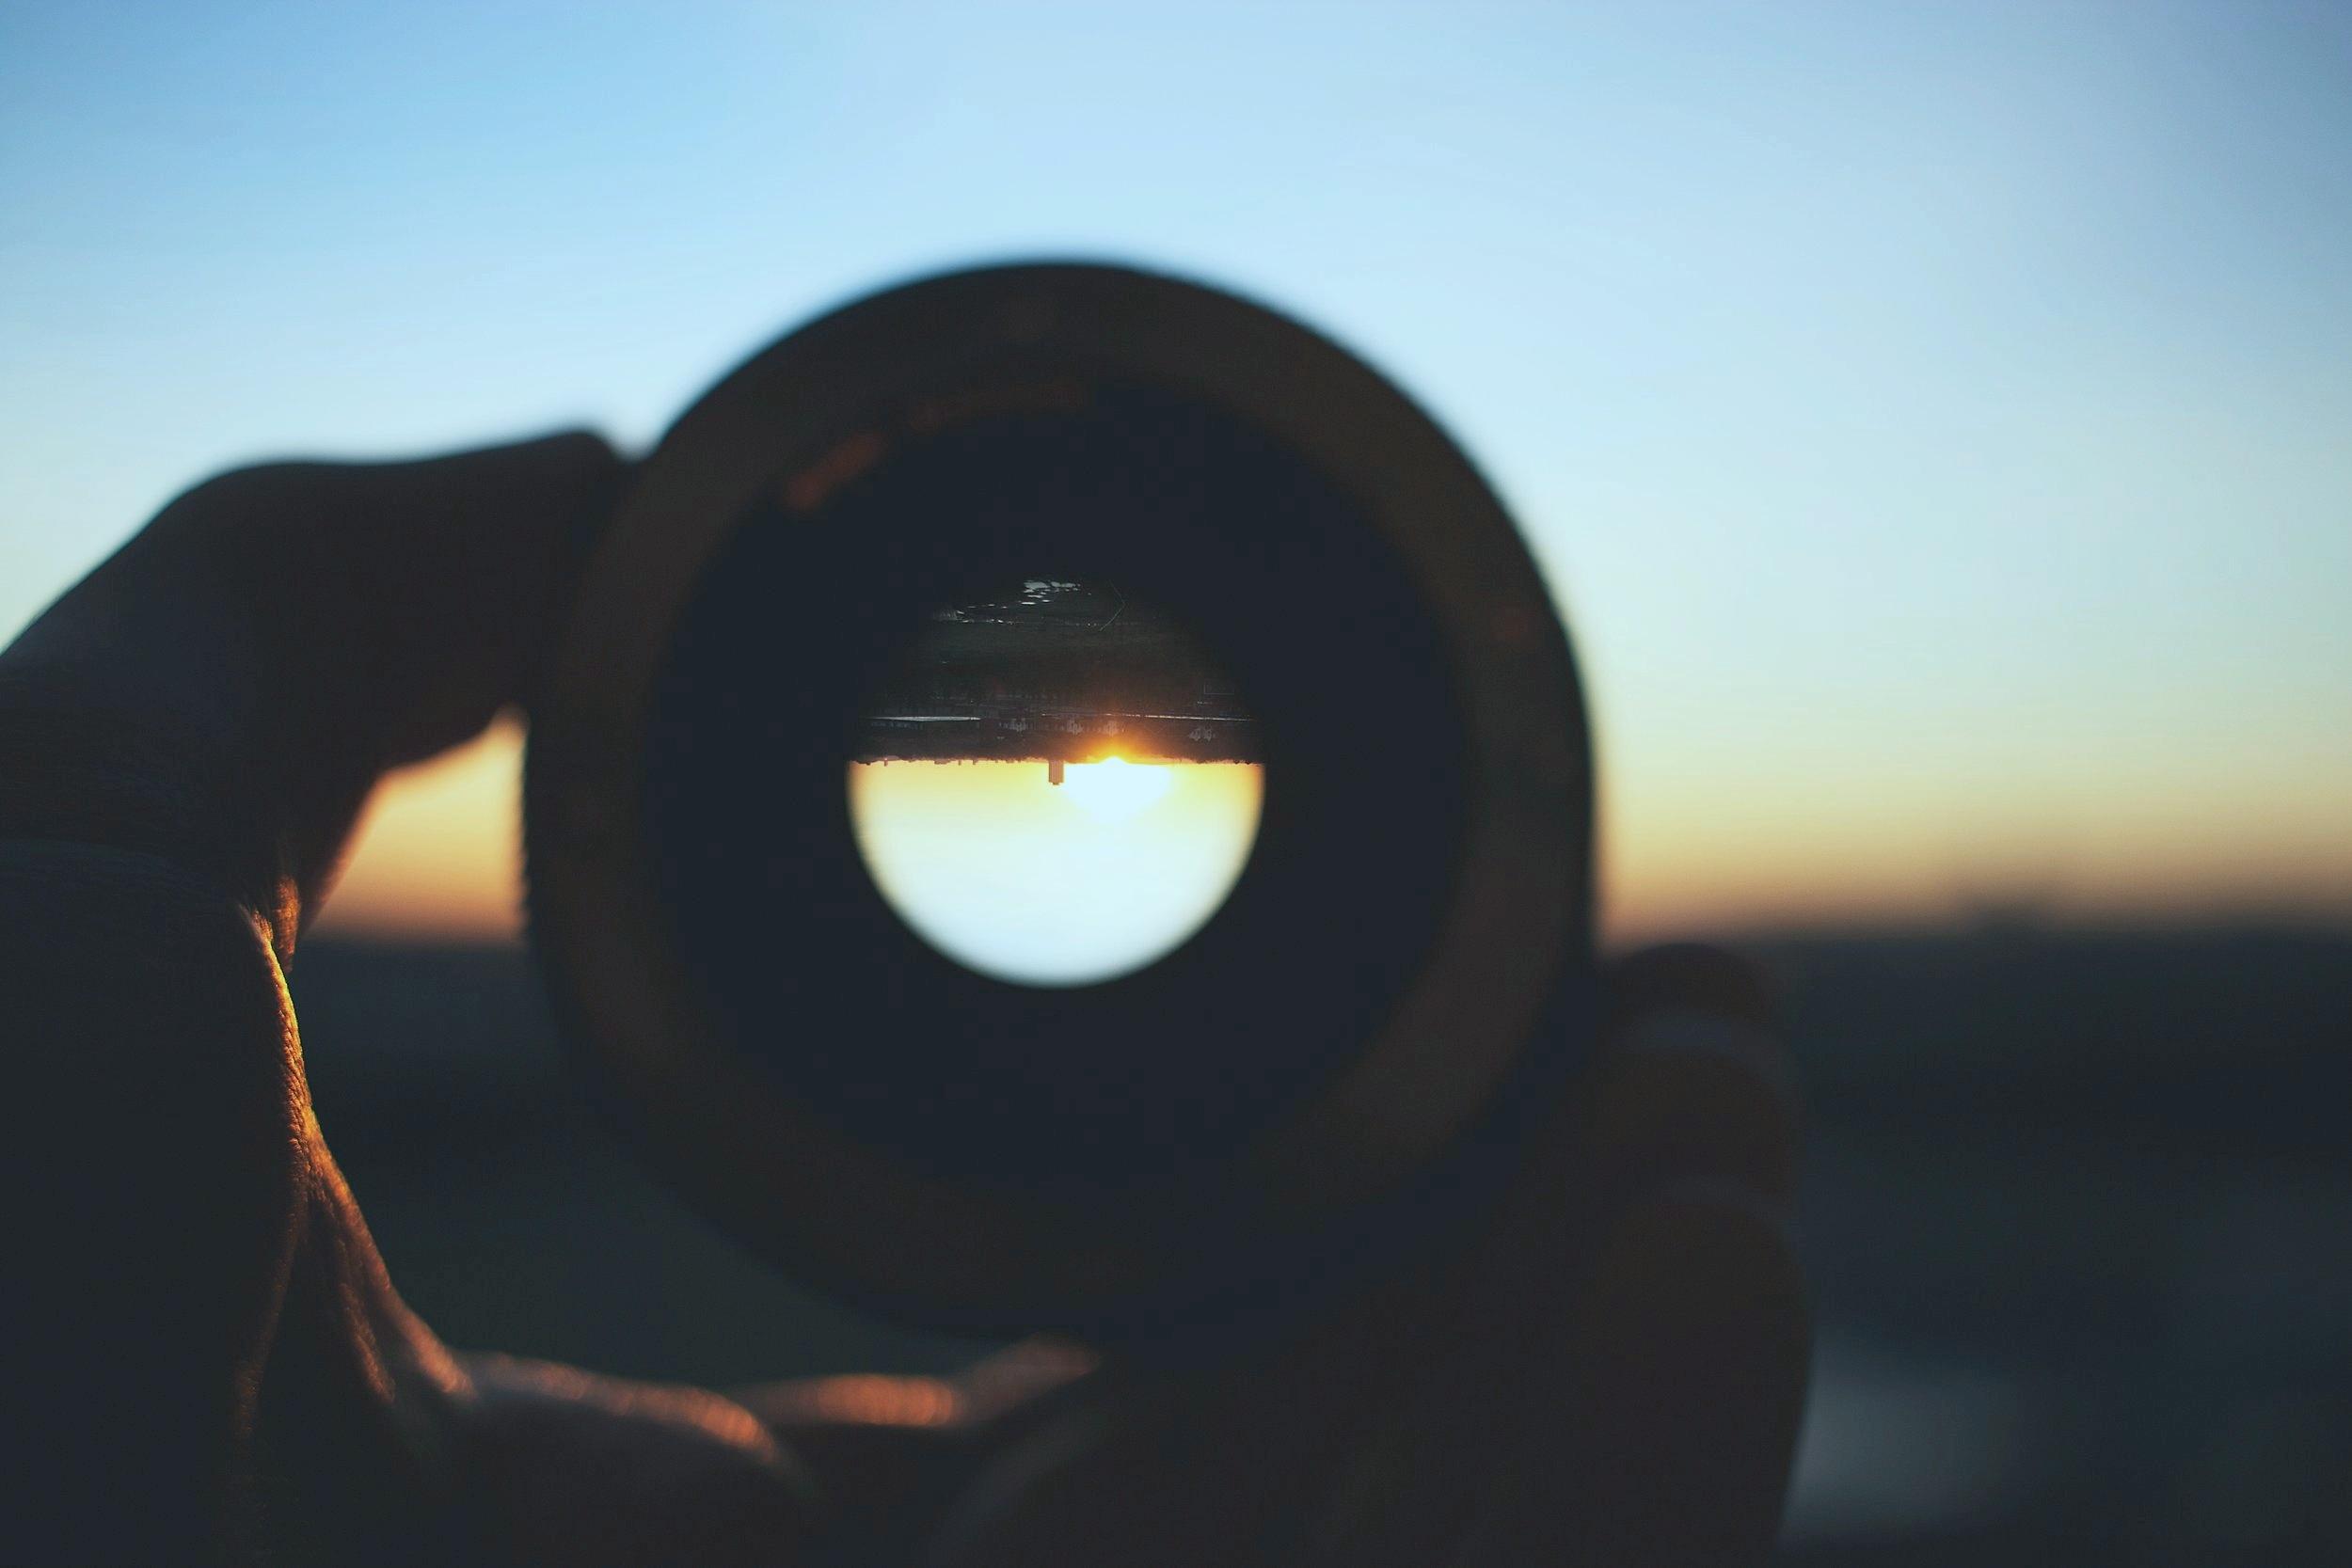 bringing city to focus through lens